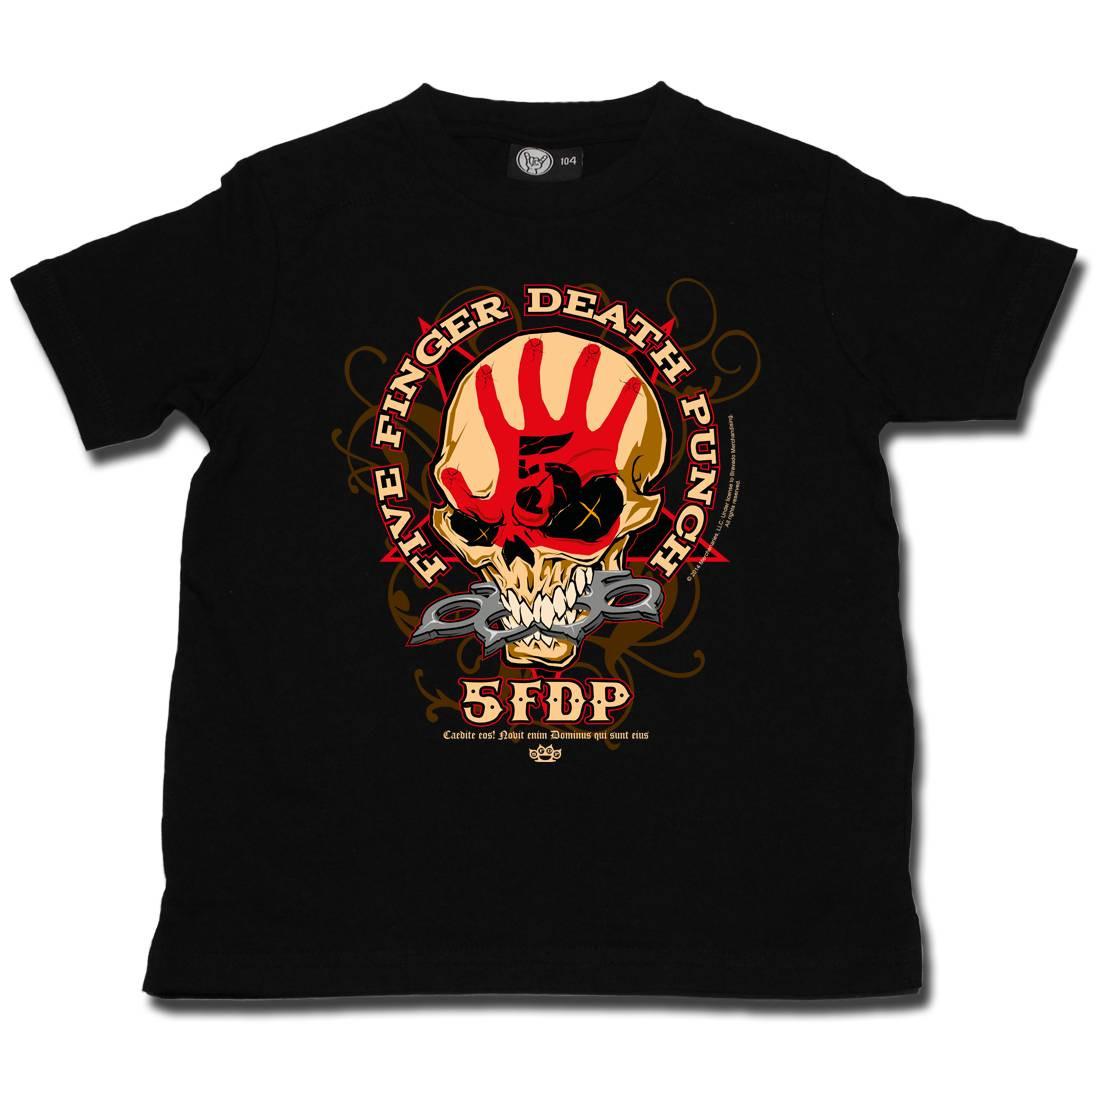 Five Finger Death Punch T-shirt voor kinderen